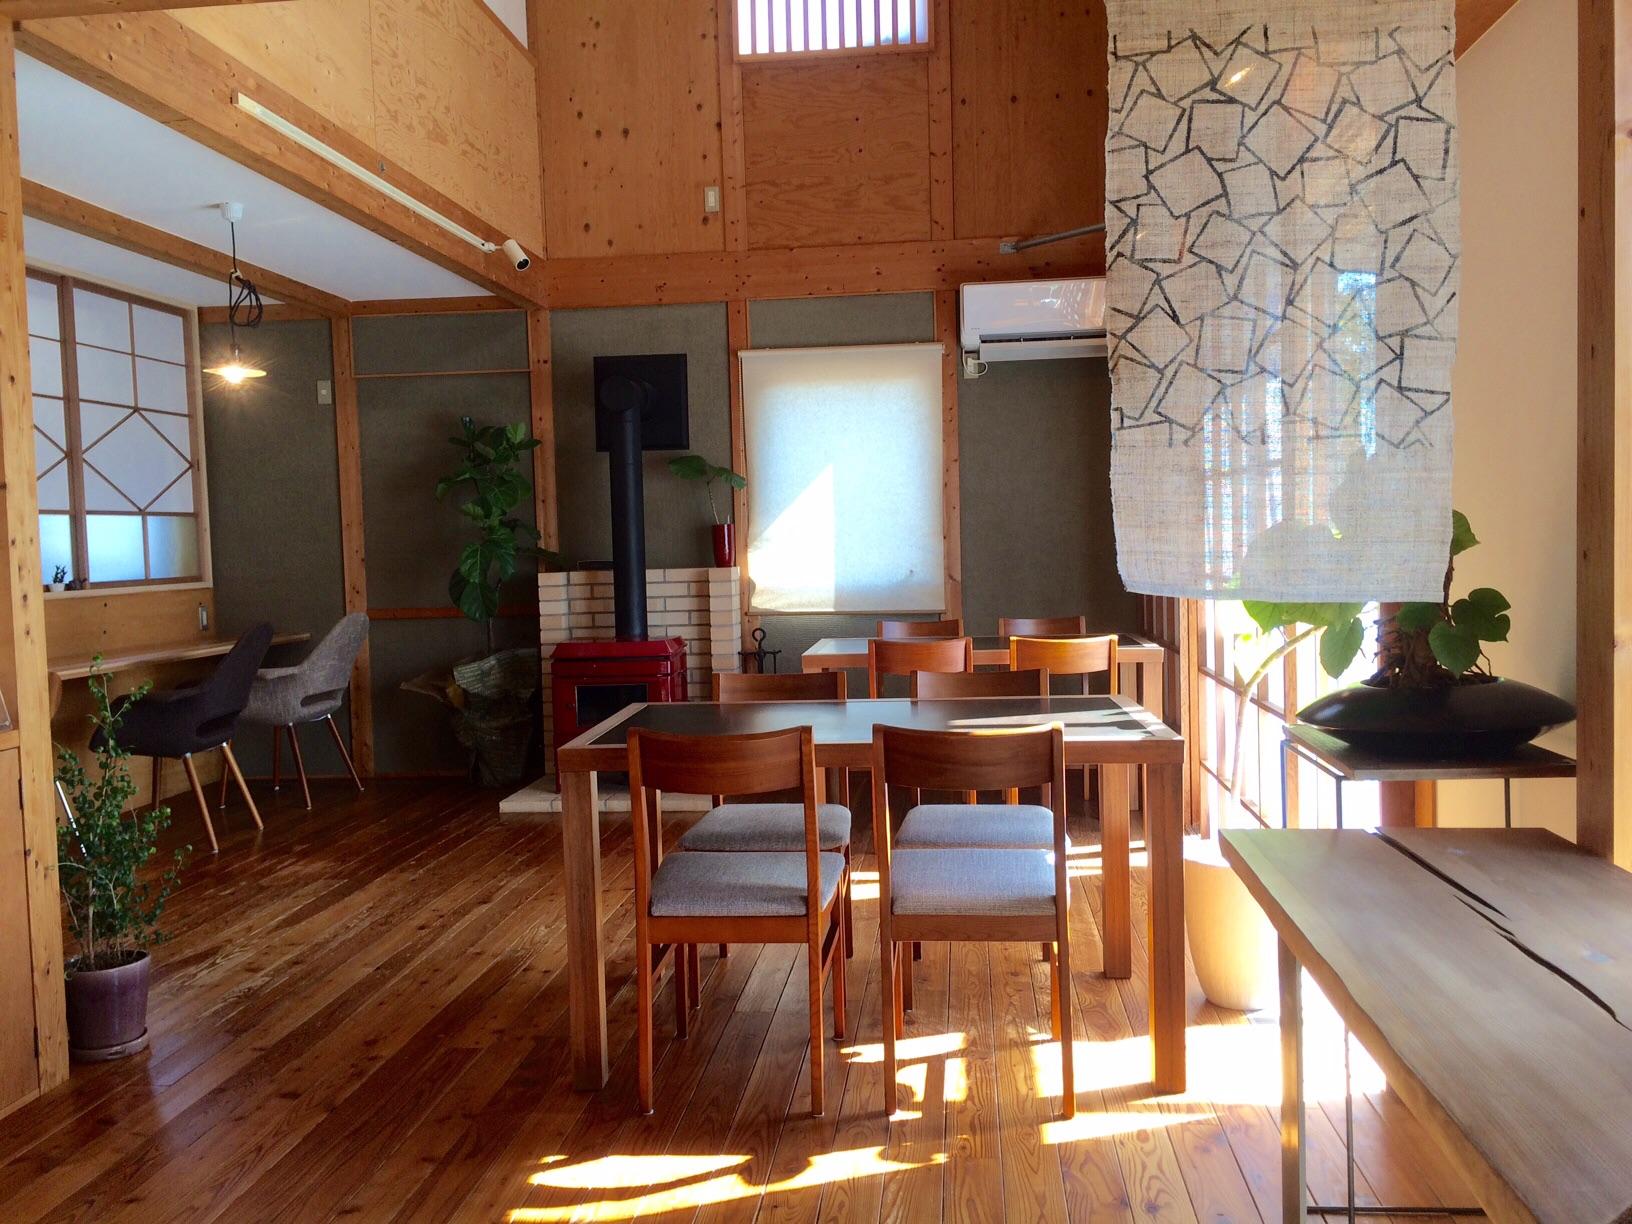 天井が高くて開放的なカフェスペースです